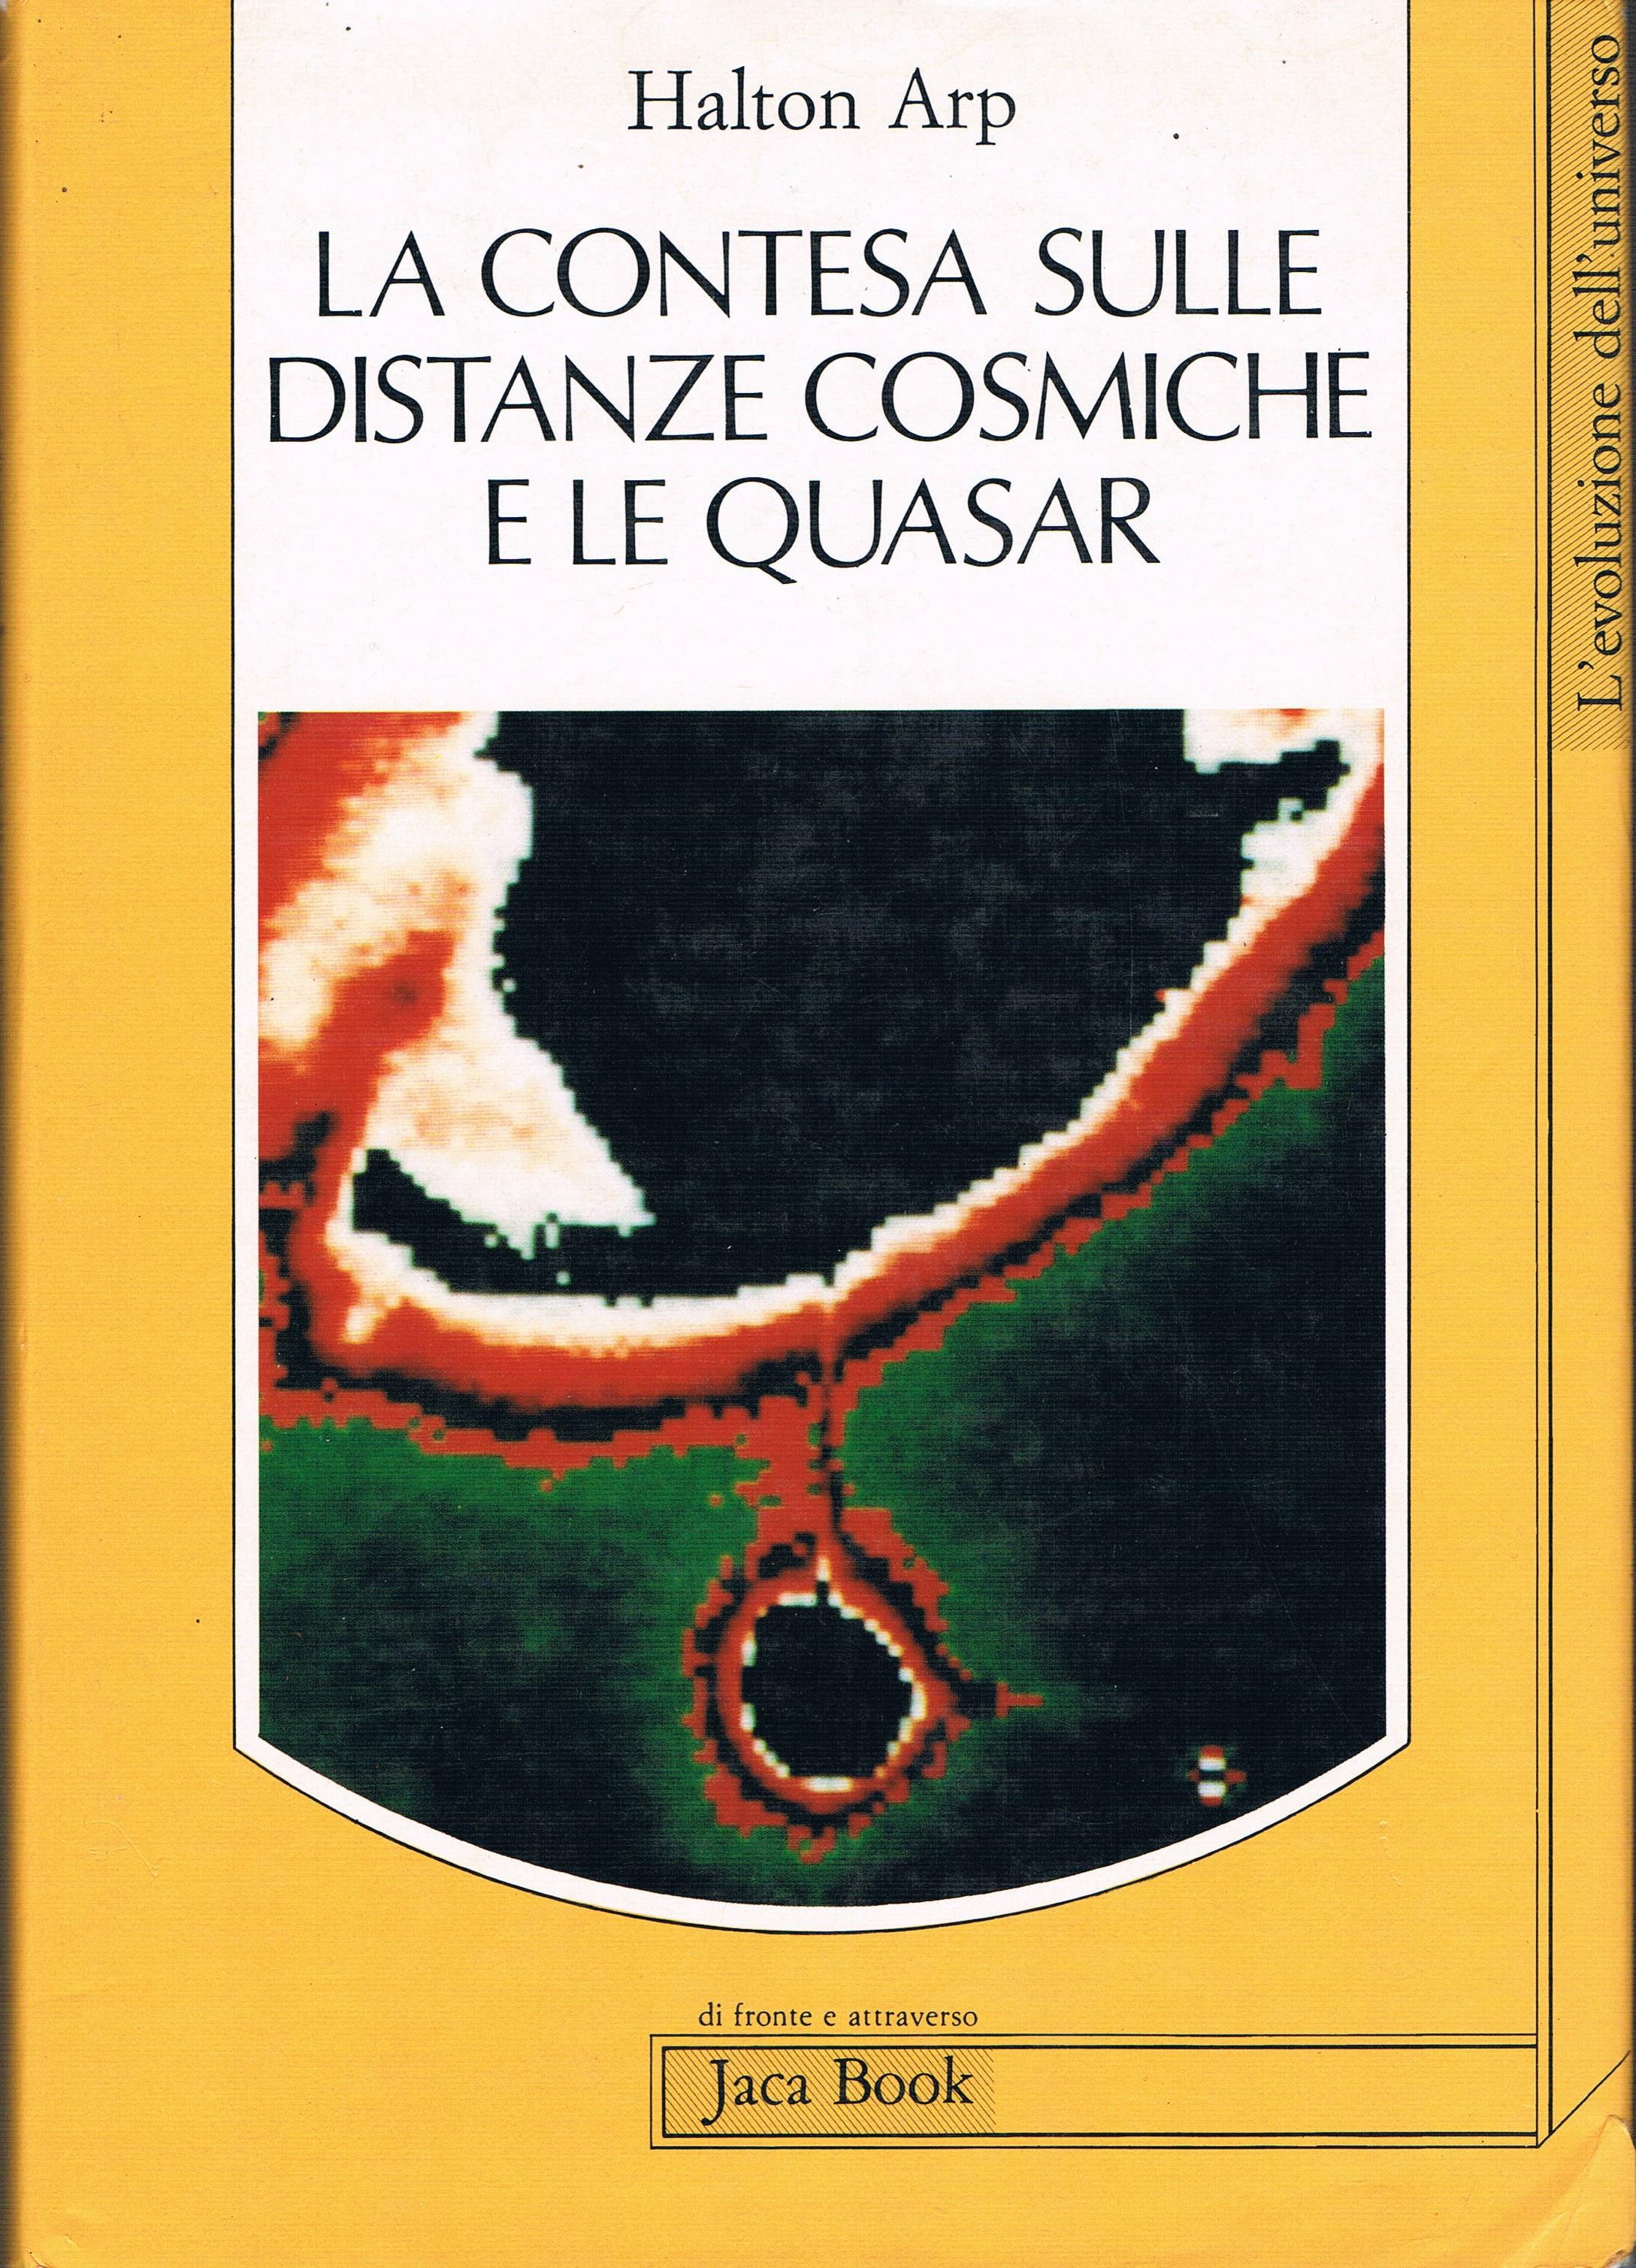 La contesa sulle distanze cosmiche e le quasar